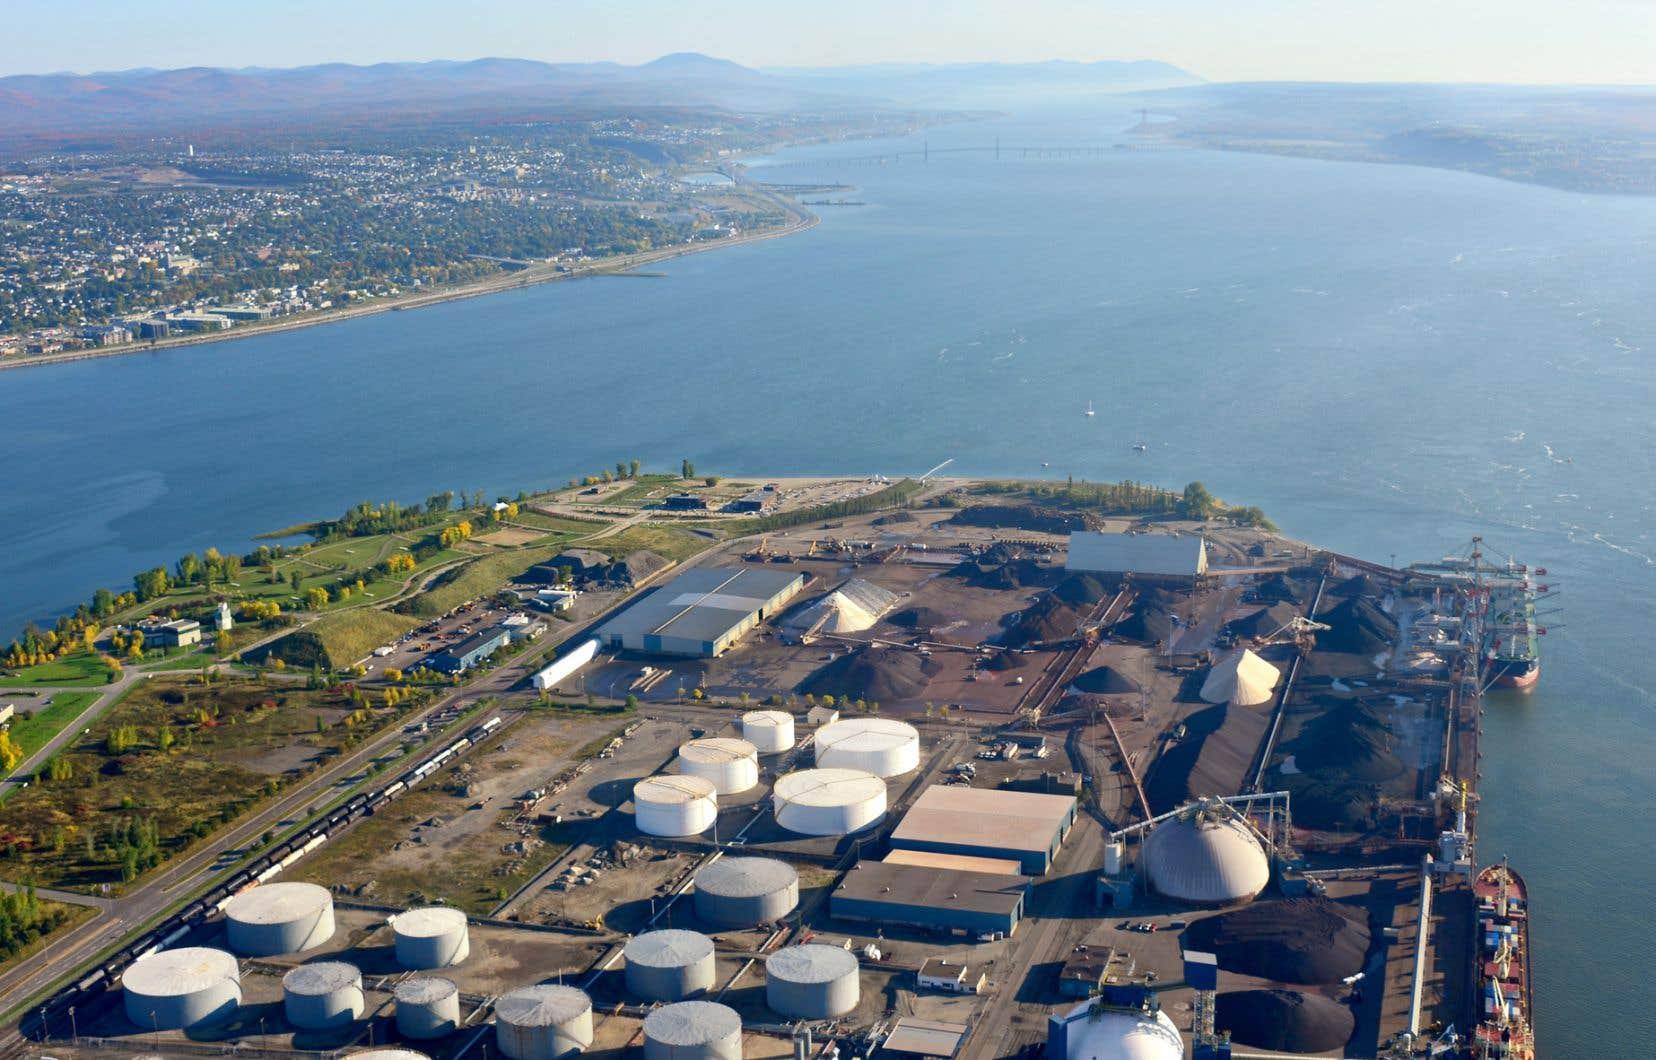 Le projet d'expansion du port de Québec, qui menacerait l'habitat essentiel d'une espèce en péril, n'a pas encore passé le test de l'évaluation environnementale.